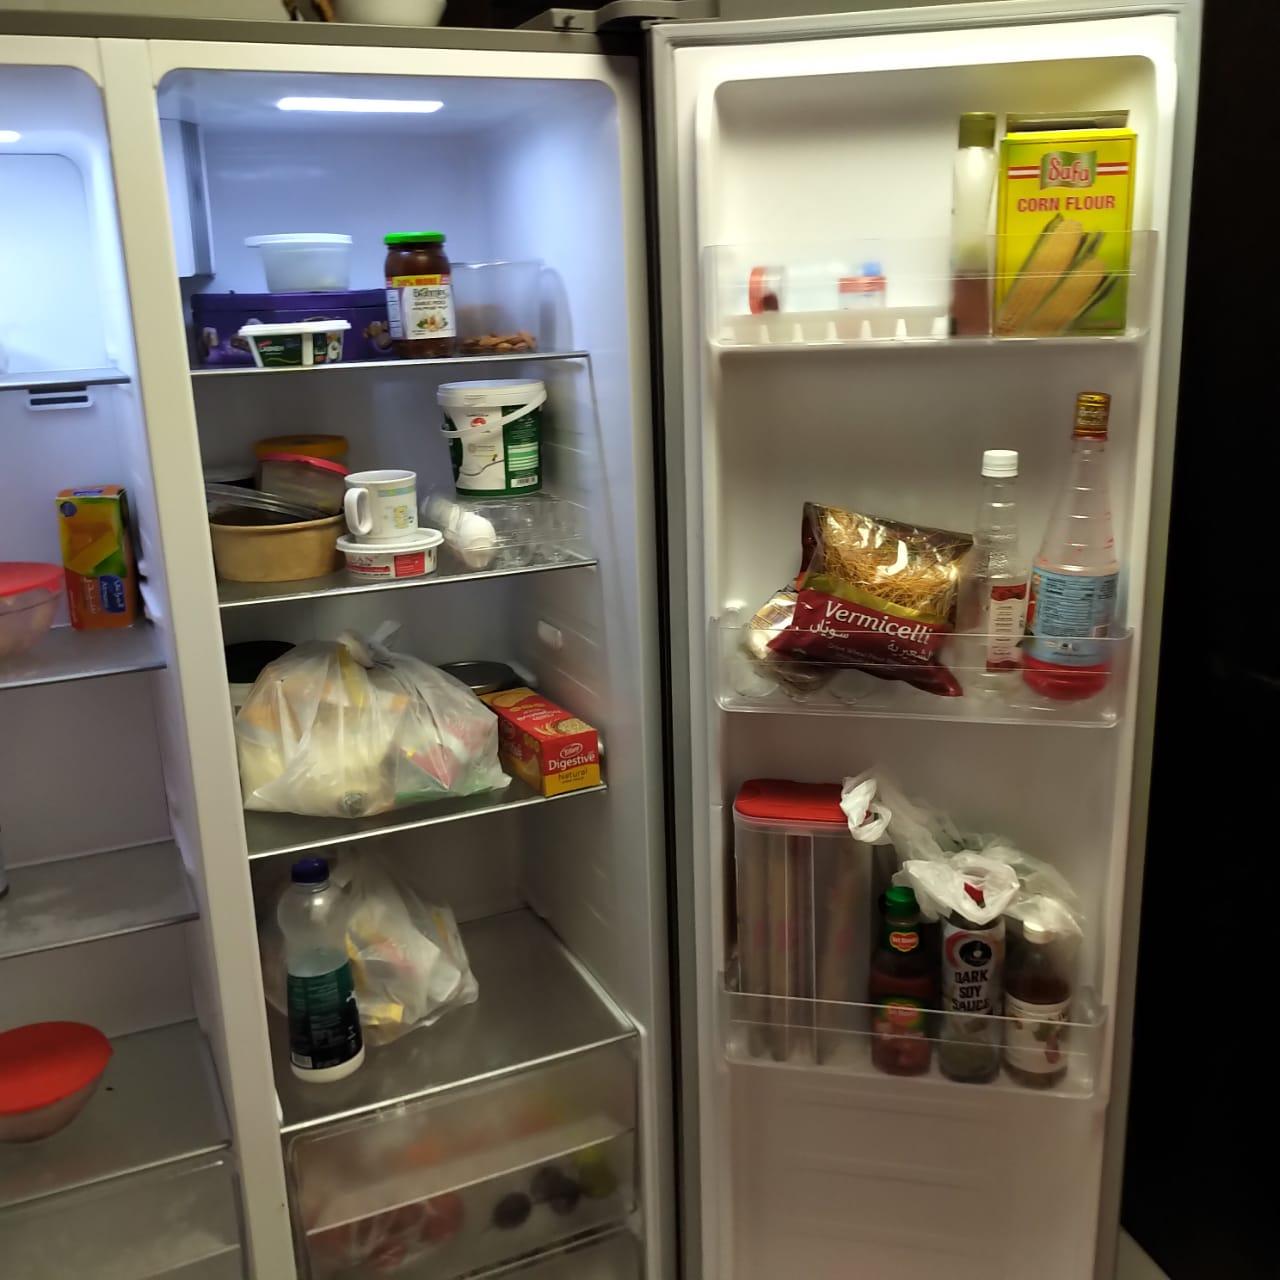 Refrigerator  - Super General - Image 5.jpeg